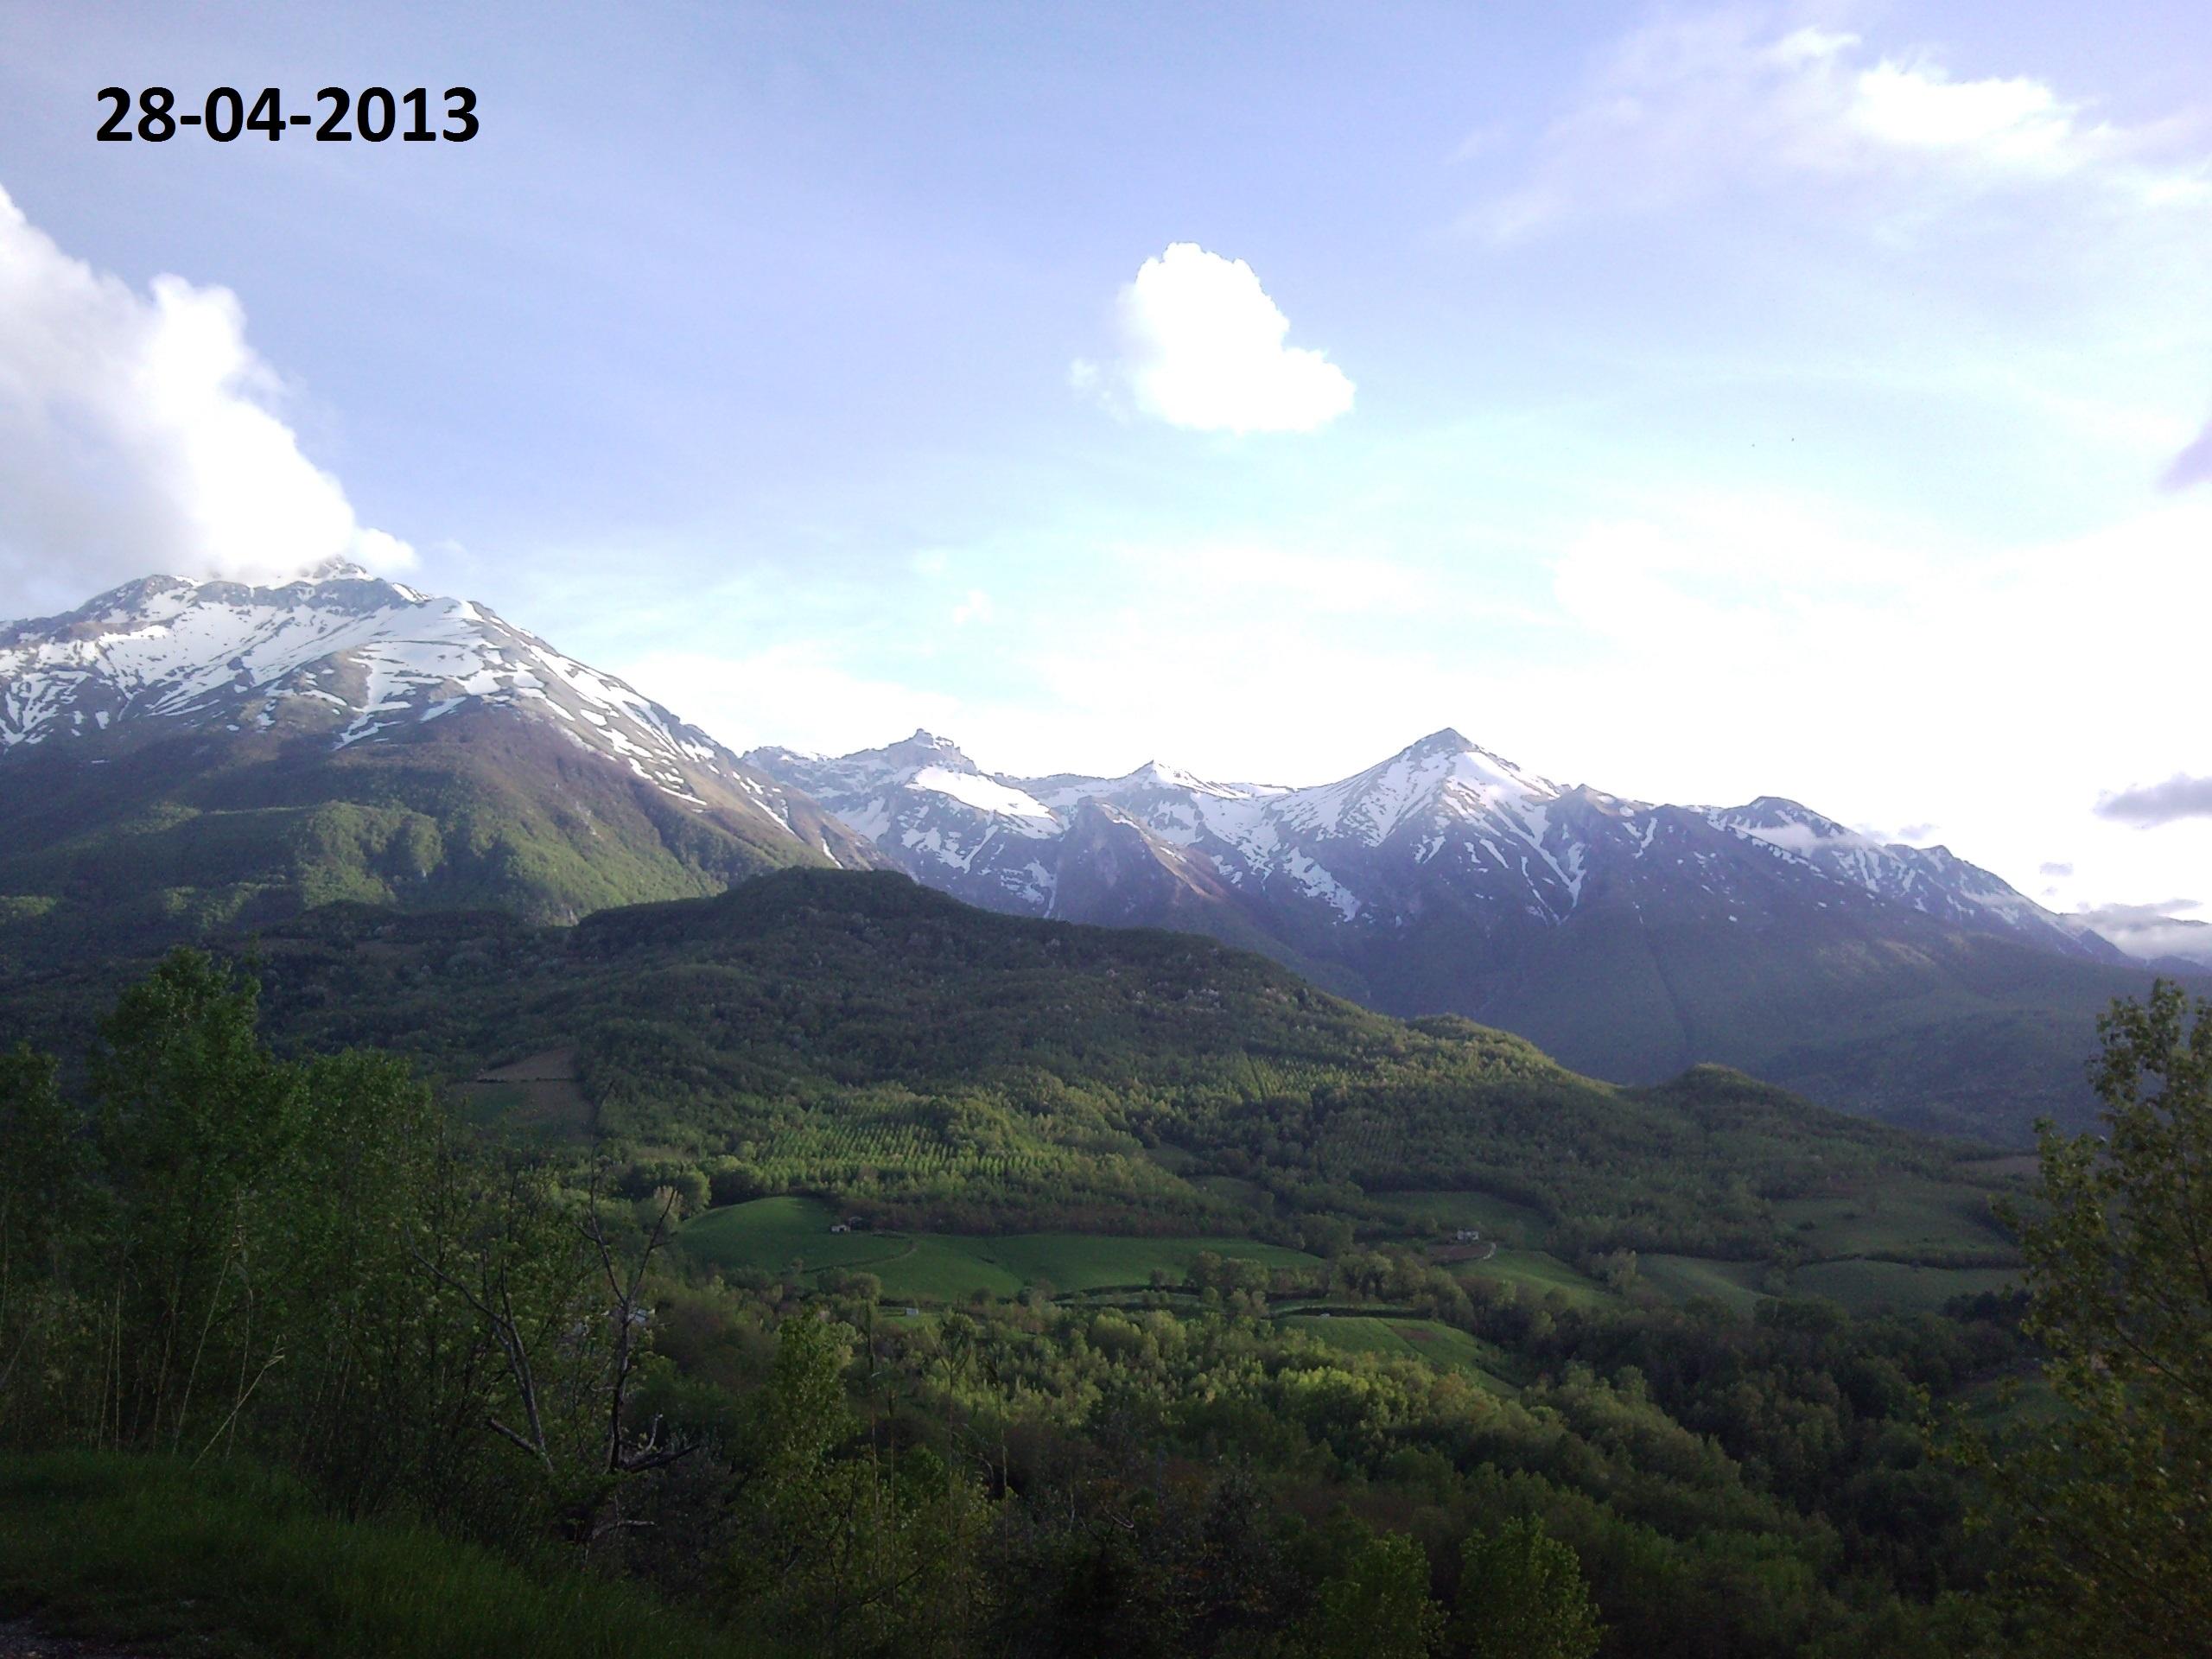 Situazione Nevai swettore Camicia Prena - Gran Sasso d'Italia - 12 agosto 2010-28-04-2013.jpg